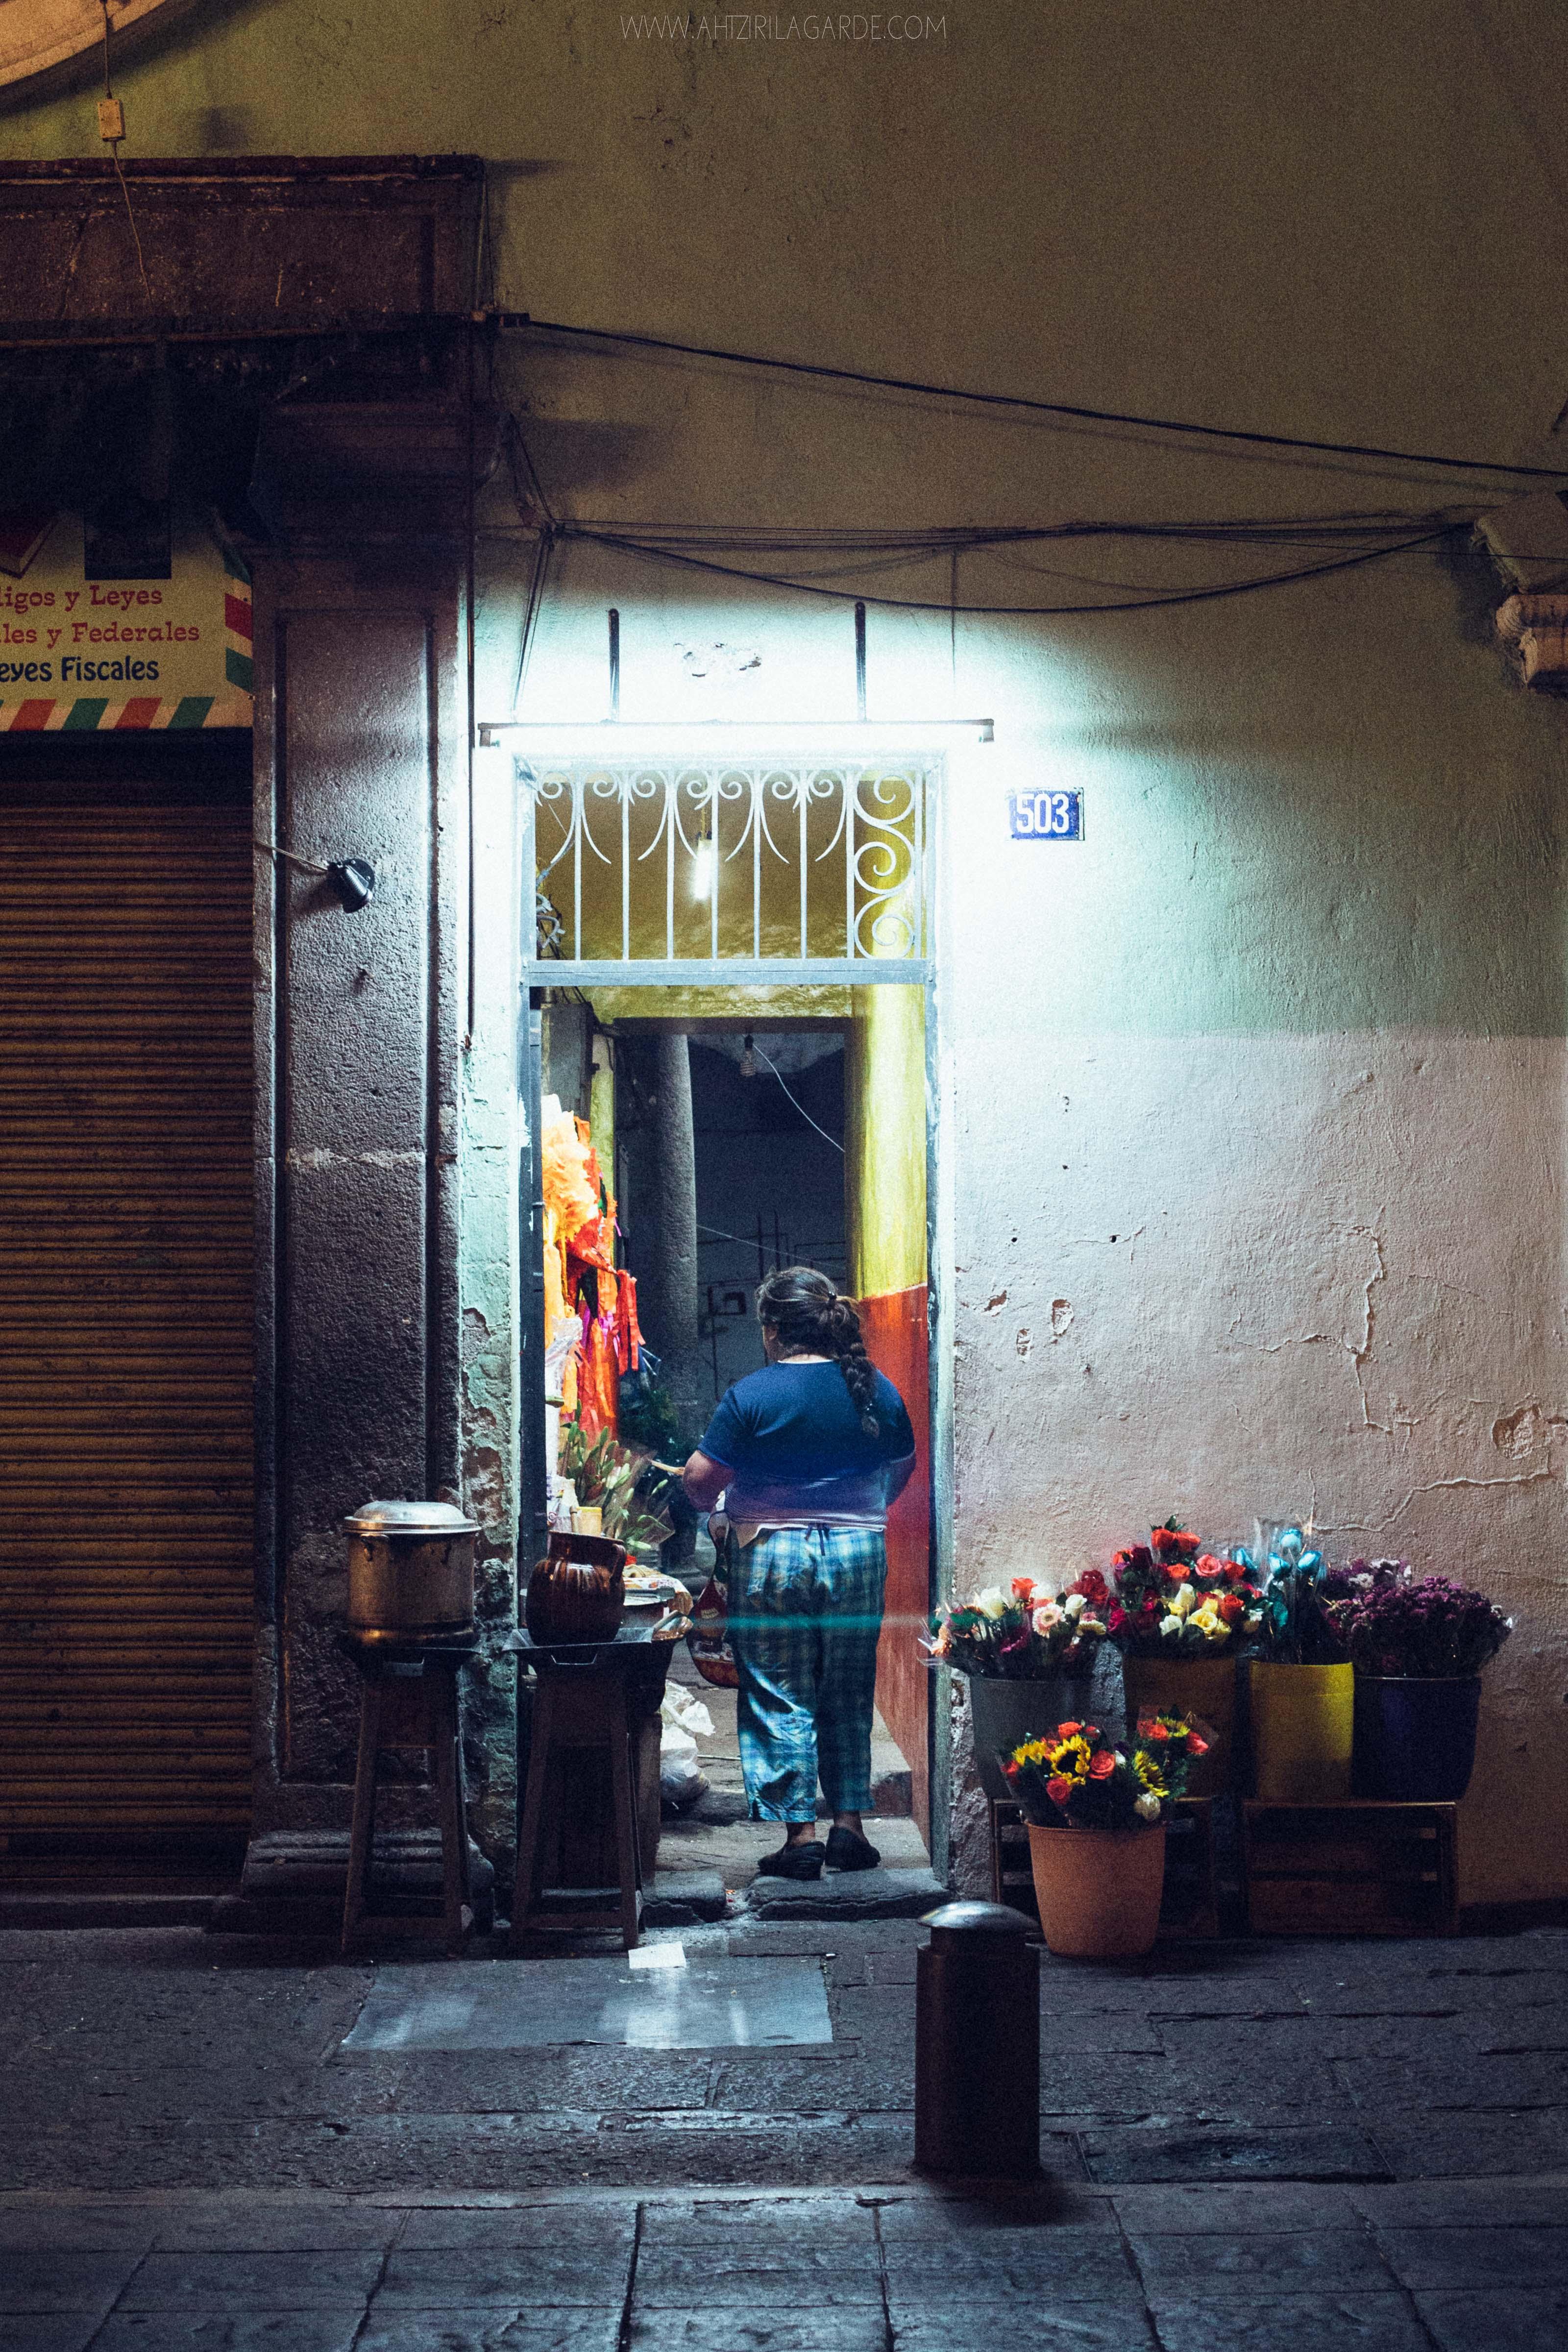 Puebla alley